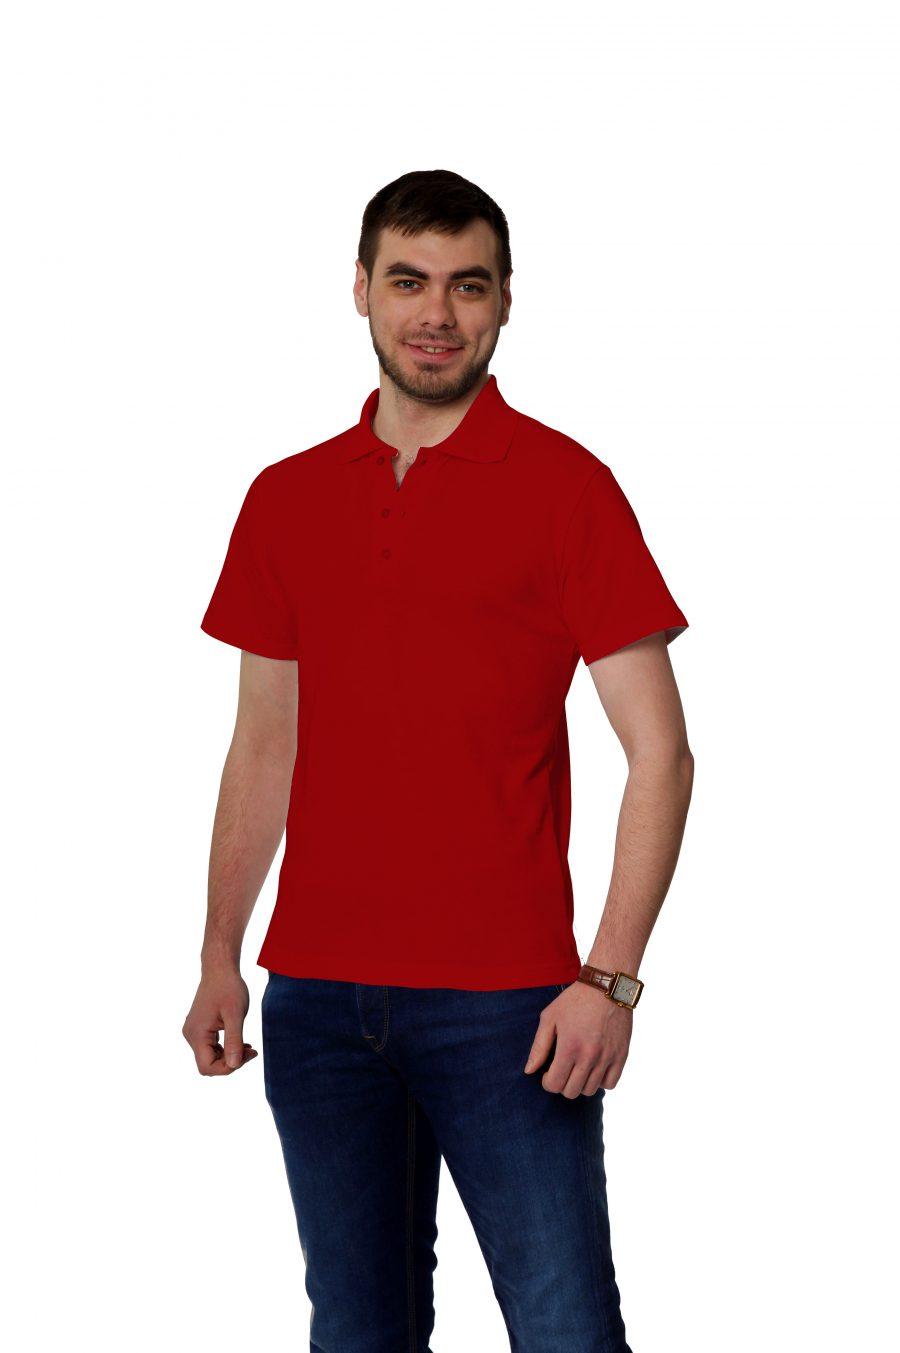 Рубашка-поло KANO MP красная купить оптом,